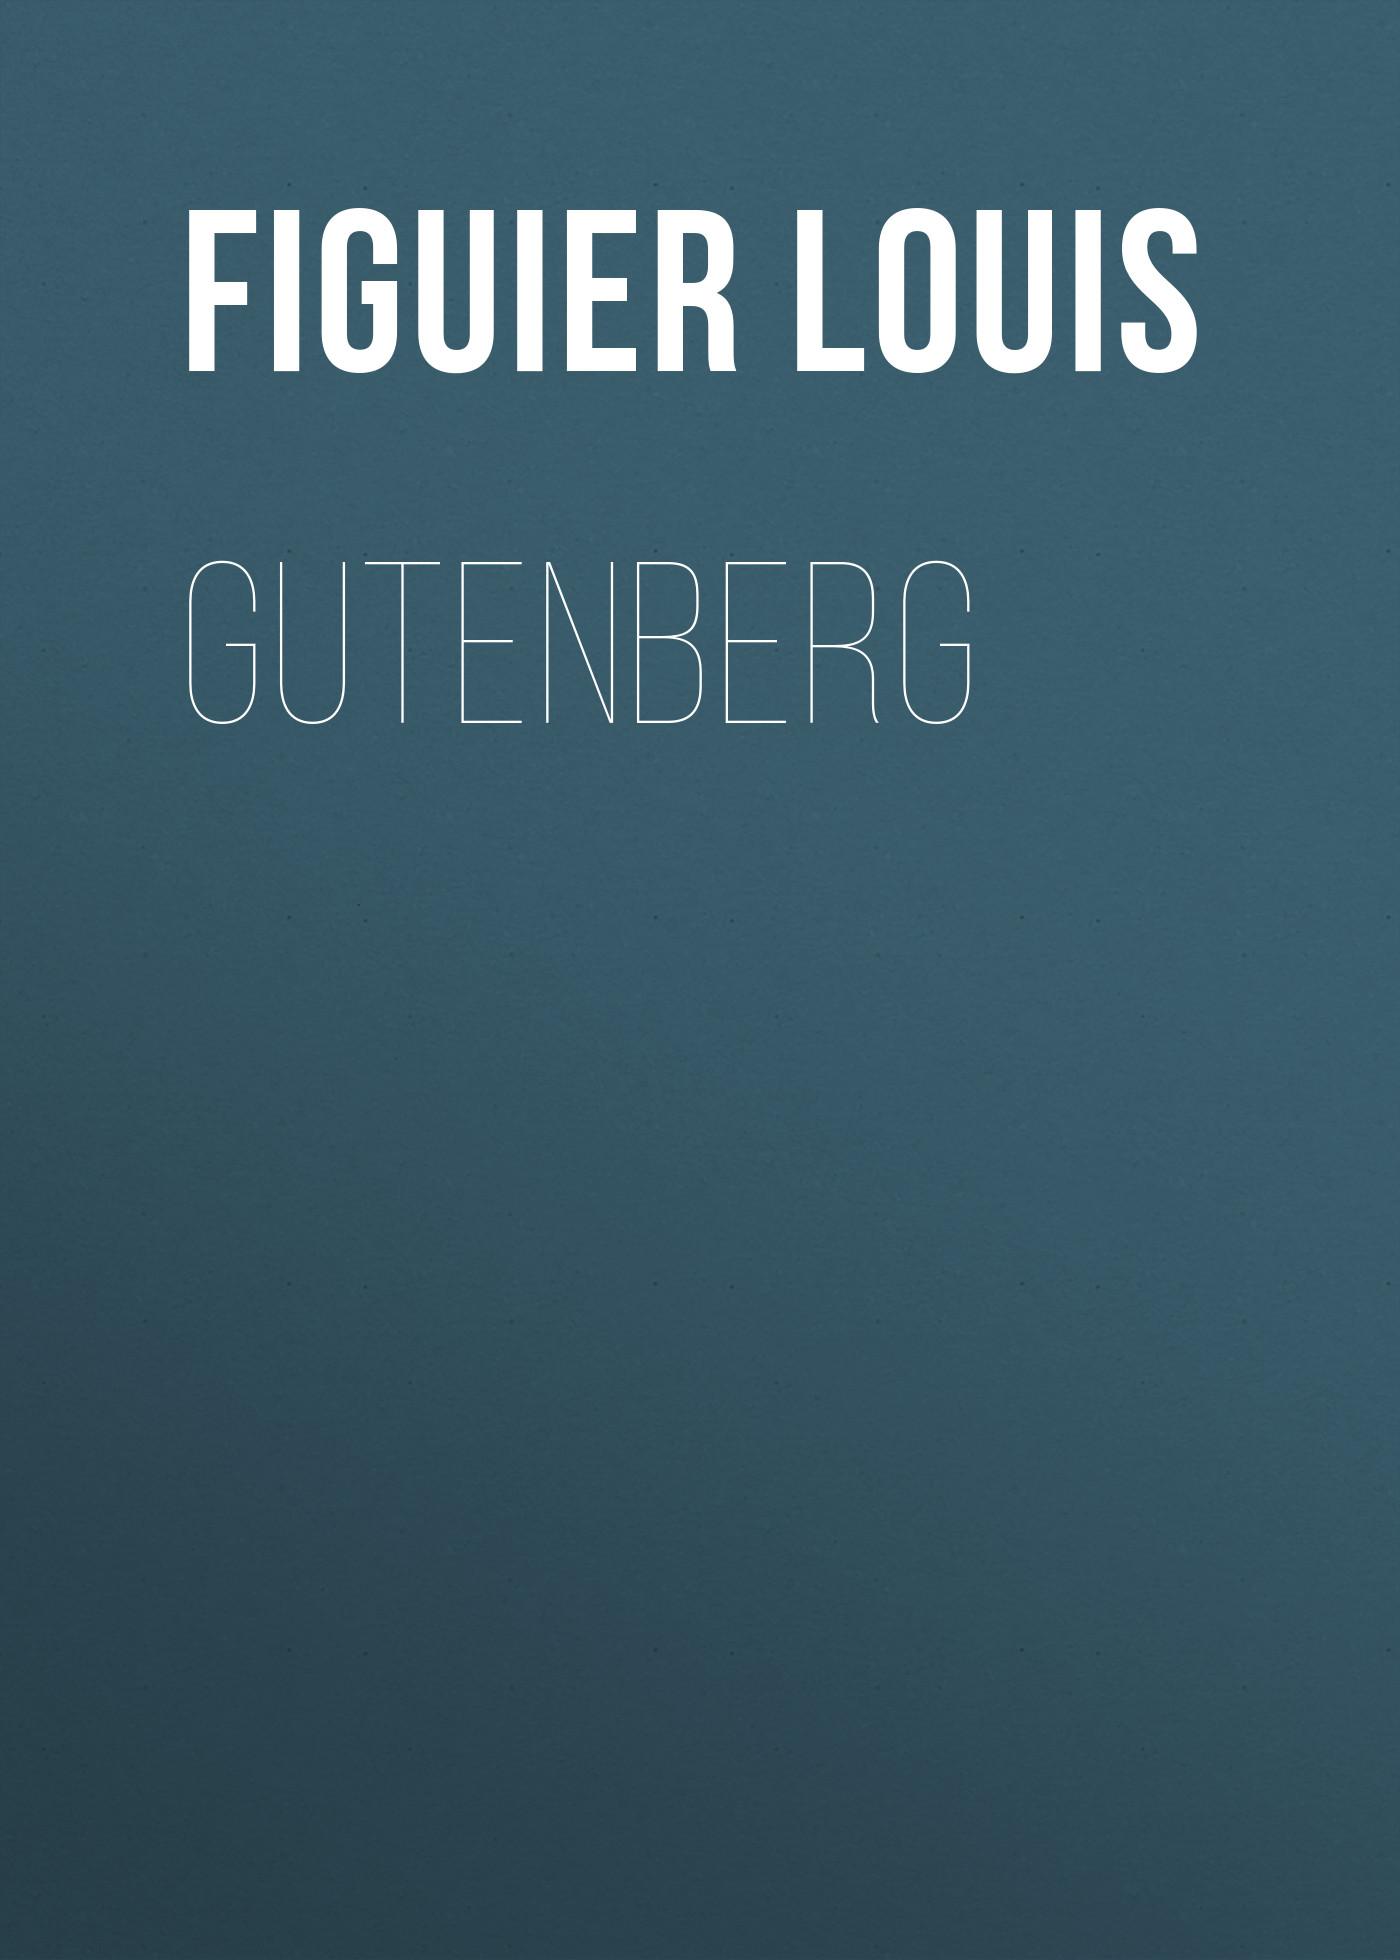 Figuier Louis Gutenberg